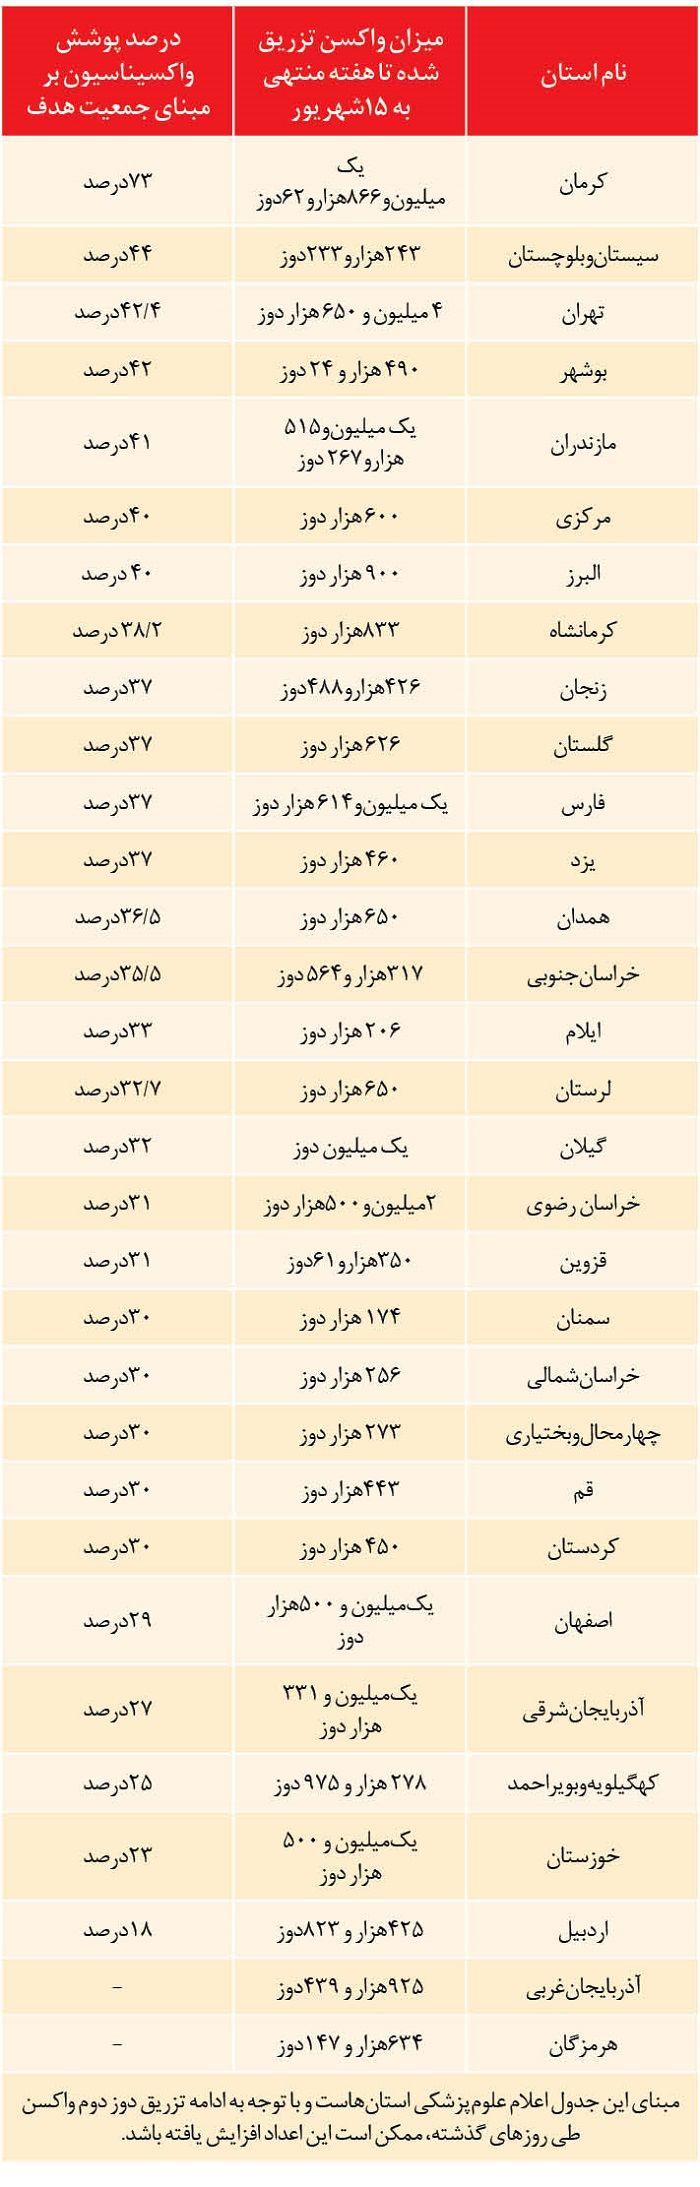 استانهای صدرنشین در واکسیناسیون | کرمانیها اول، اردبیل در قعر جدول